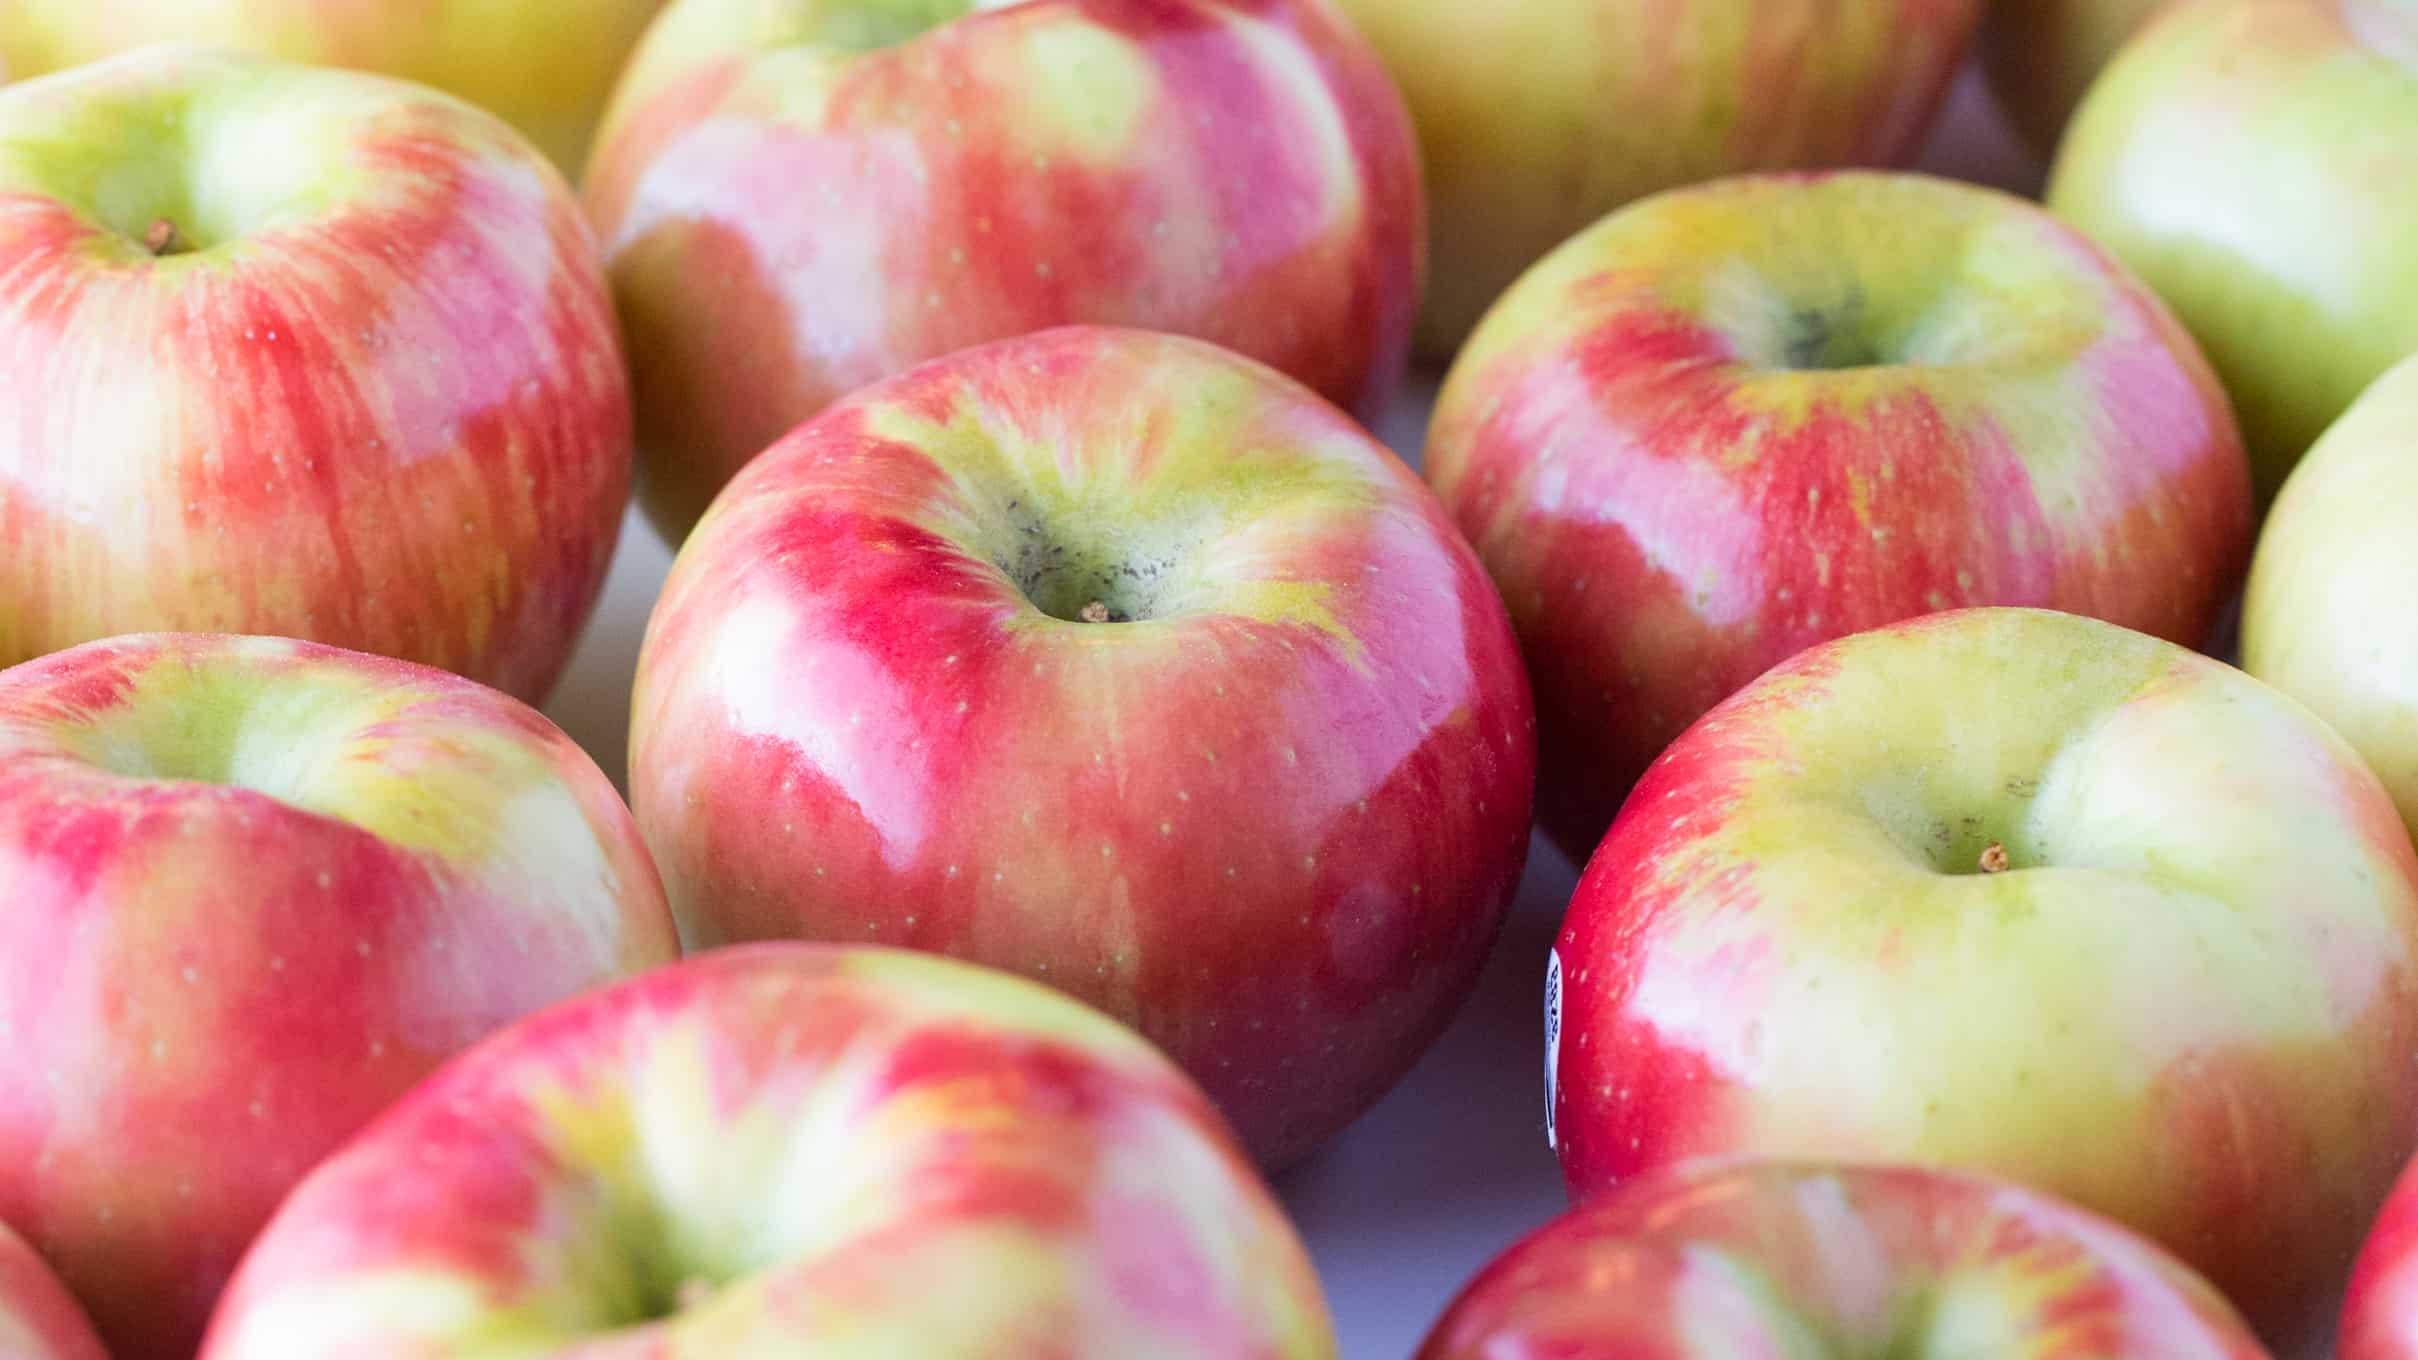 Honeycrisp apples for baked apple chips